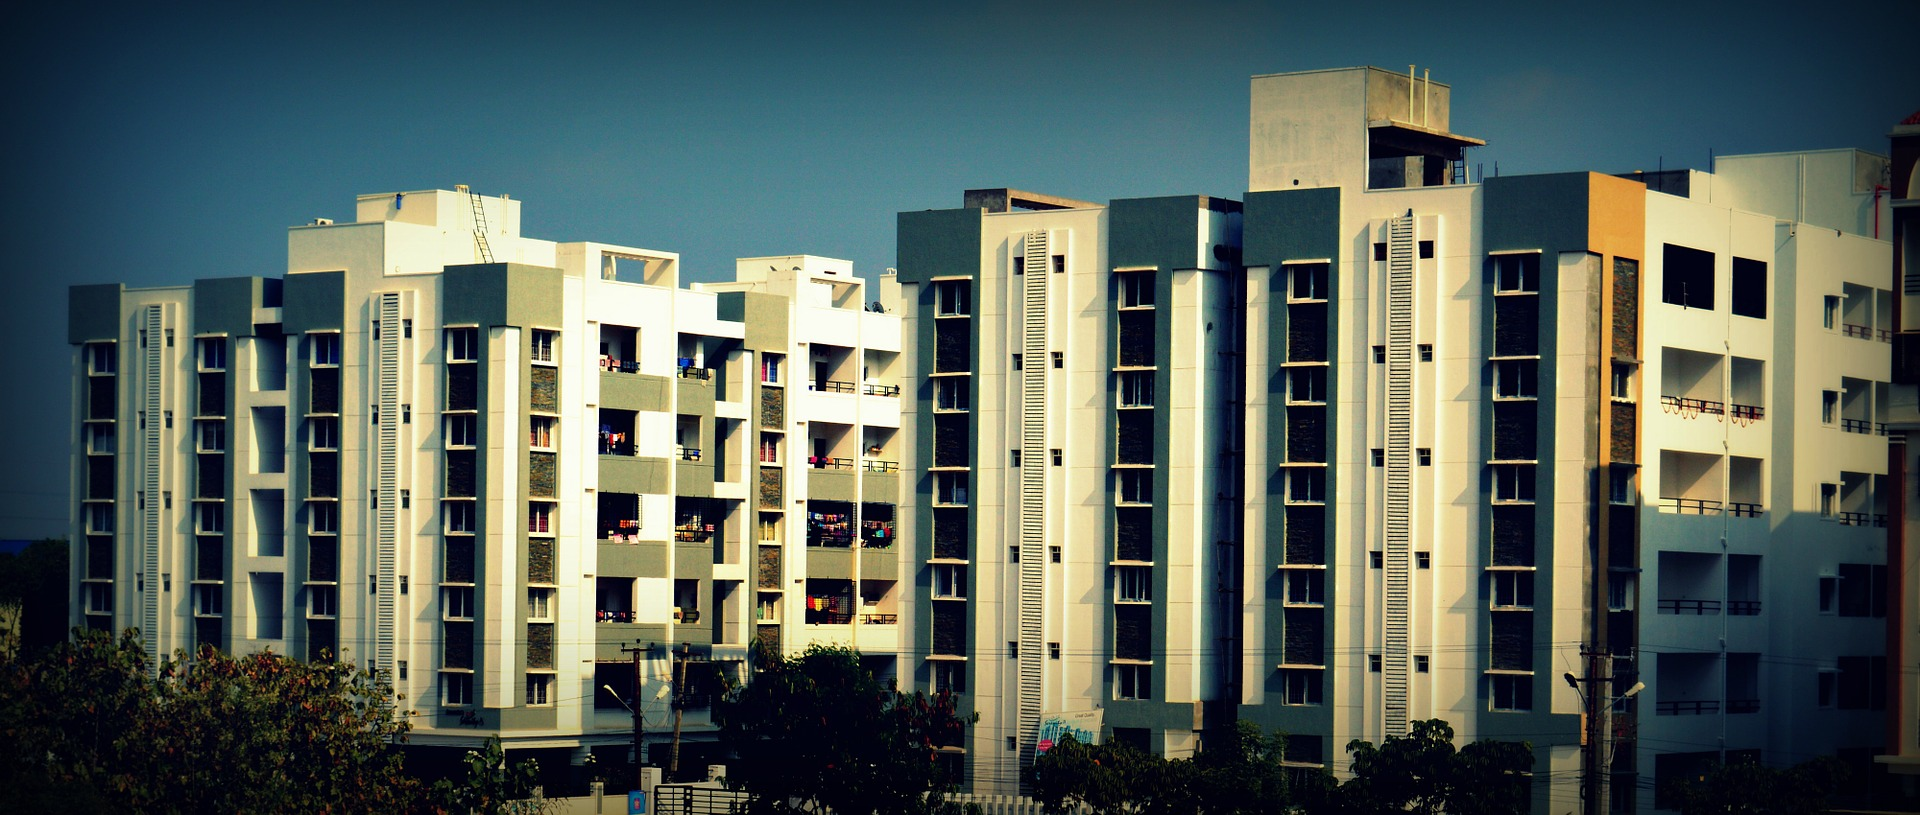 buildings-699412_1920